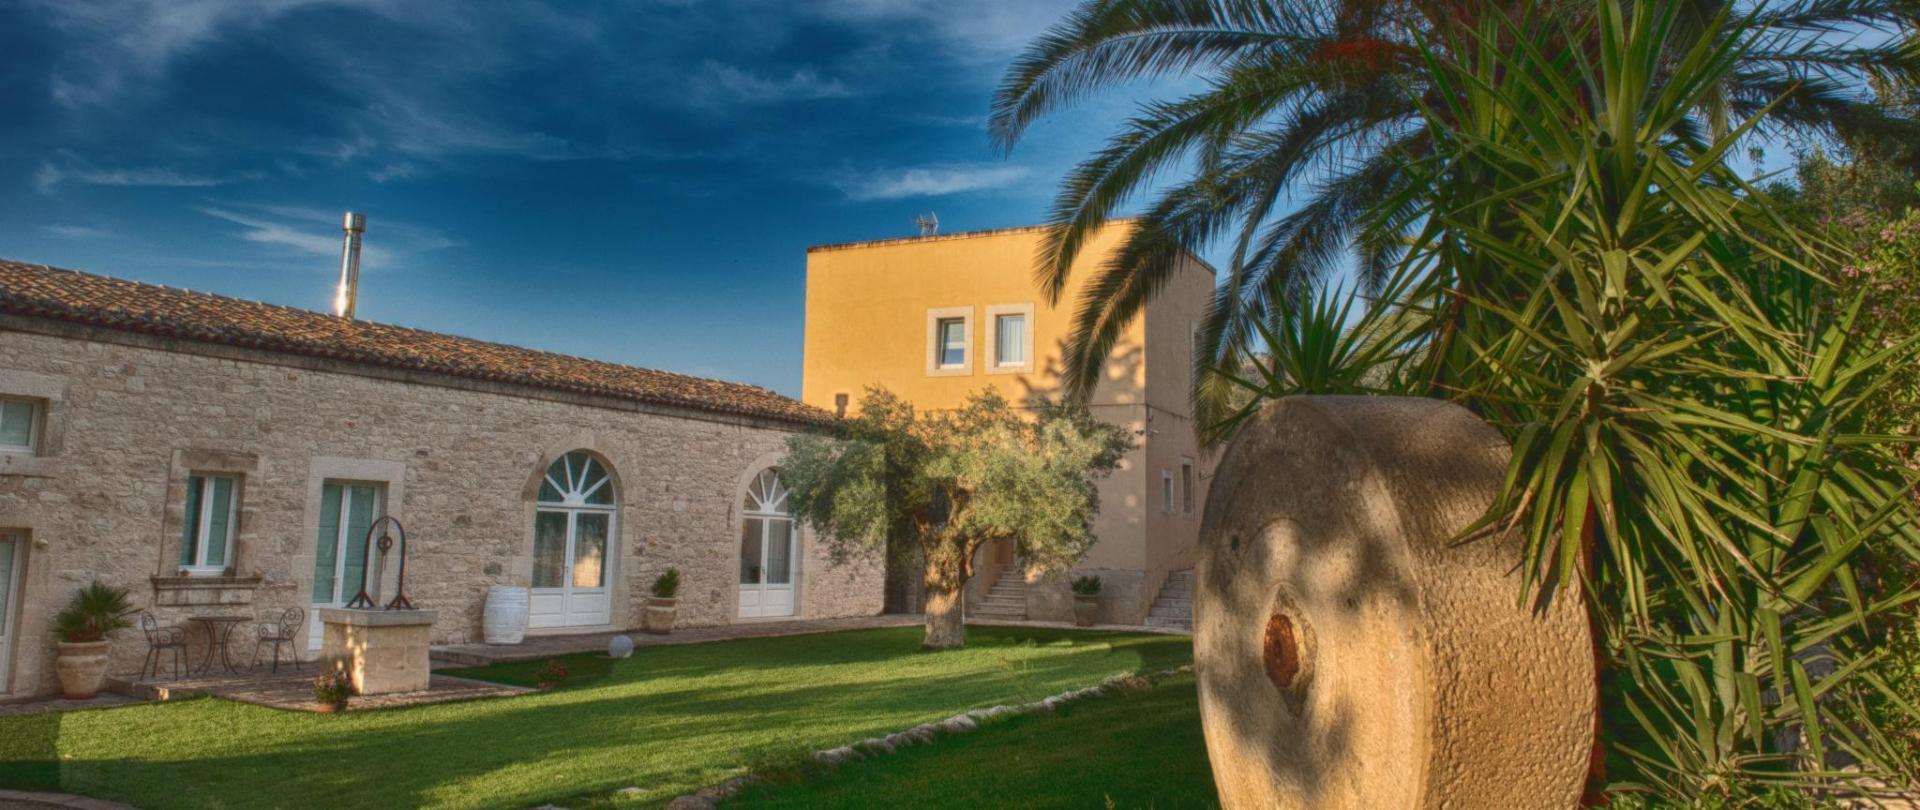 公式サイト】Villa Santa Margherita|キアラモンテ・グルフィの ...